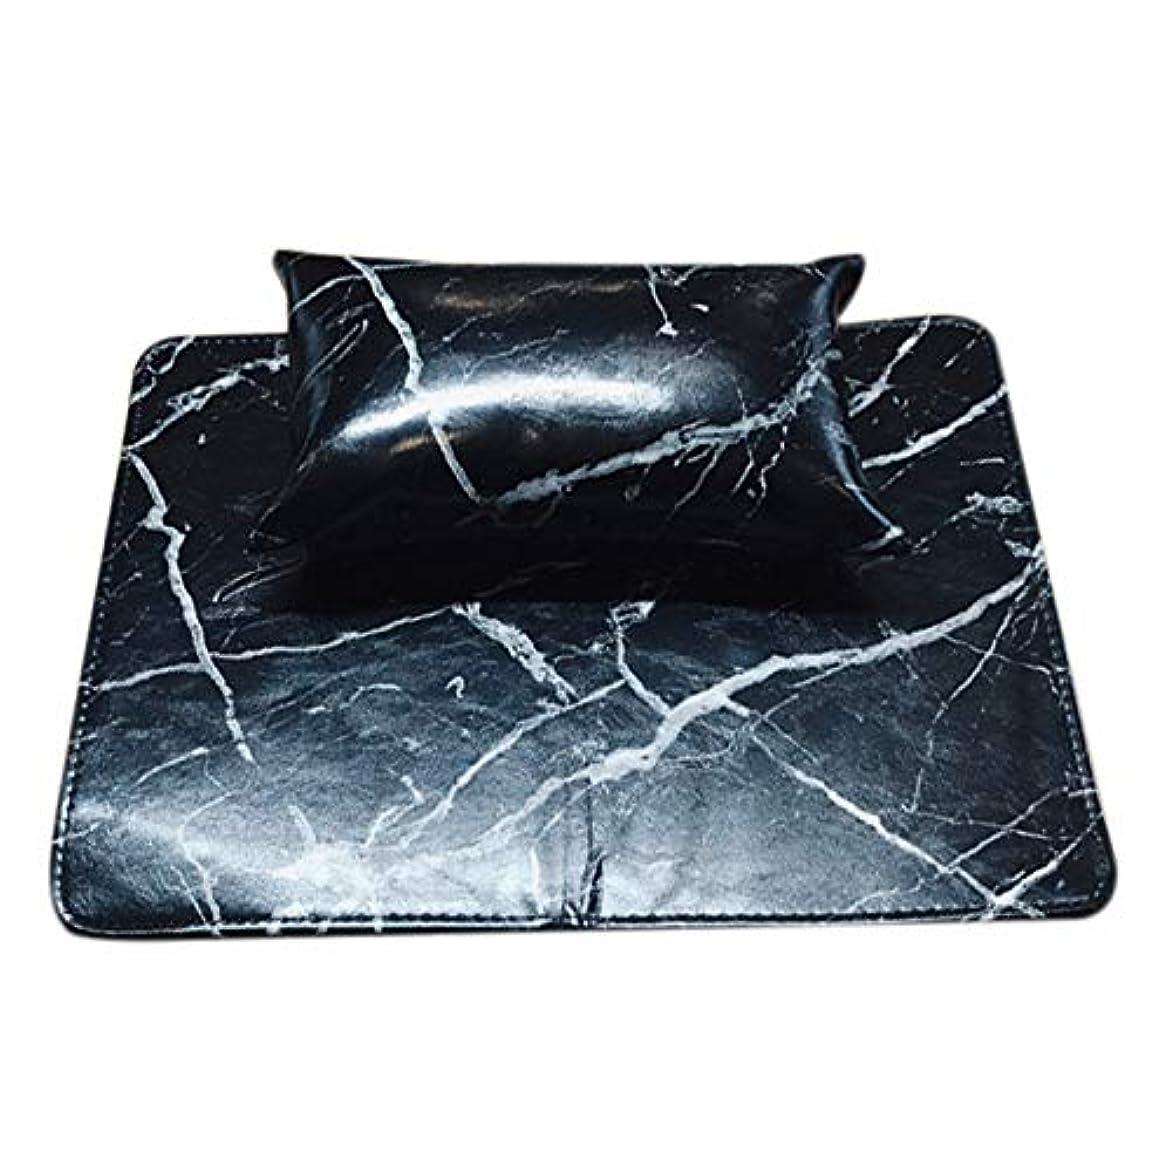 世辞連帯破滅的なTOOGOO マニキュアツール ソフトハンドクッション枕とパッドレストネイルアートアームレストホルダー マニキュアネイルアートアクセサリーレザー(2個 一体化)ブラック